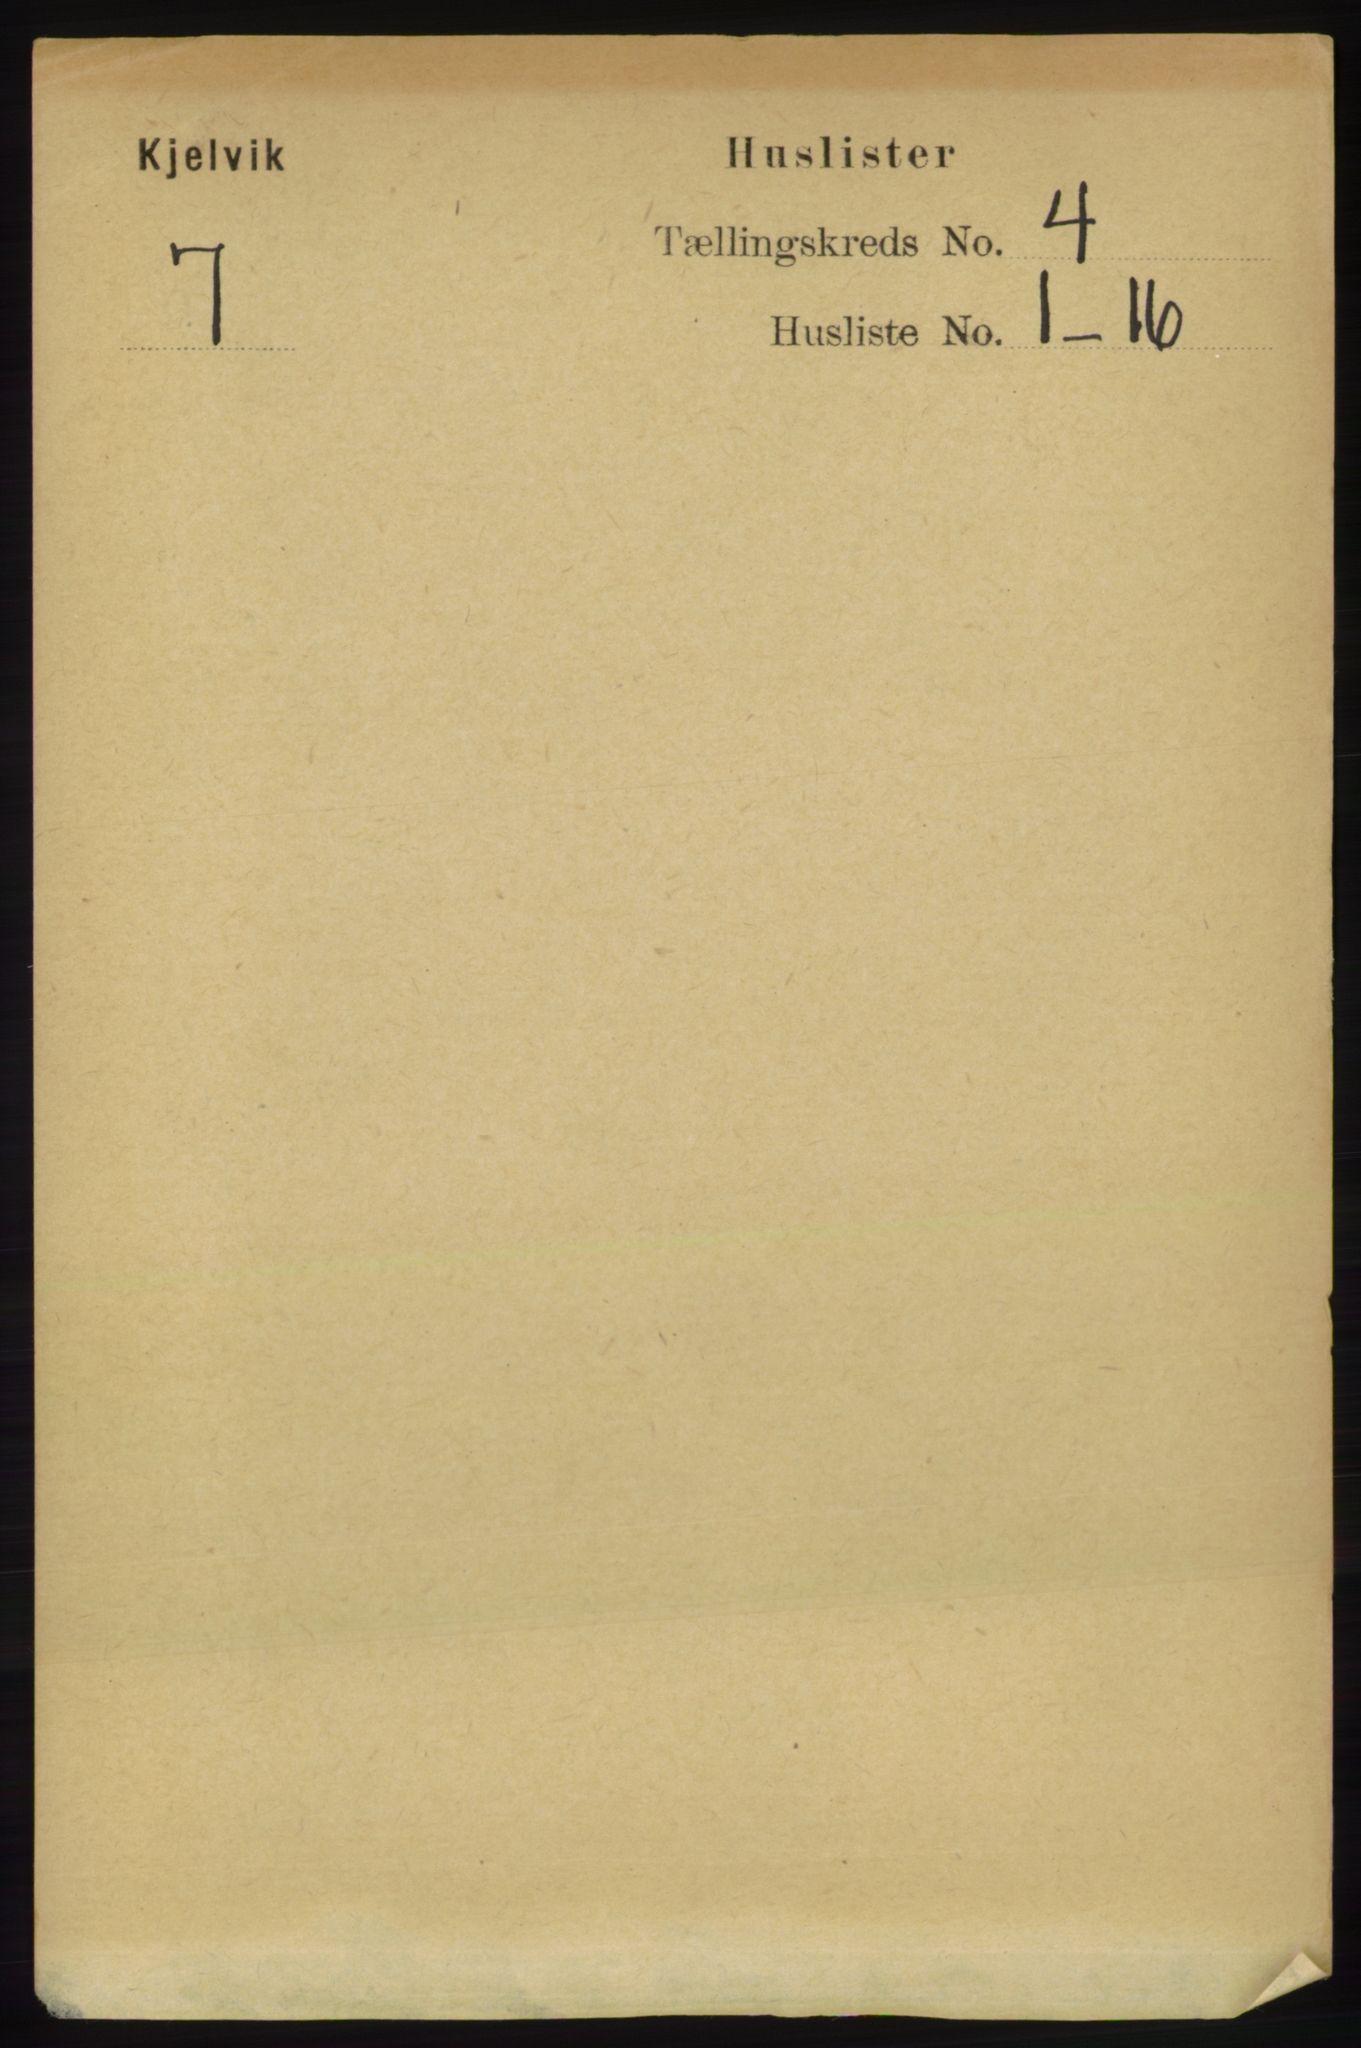 RA, Folketelling 1891 for 2019 Kjelvik herred, 1891, s. 406